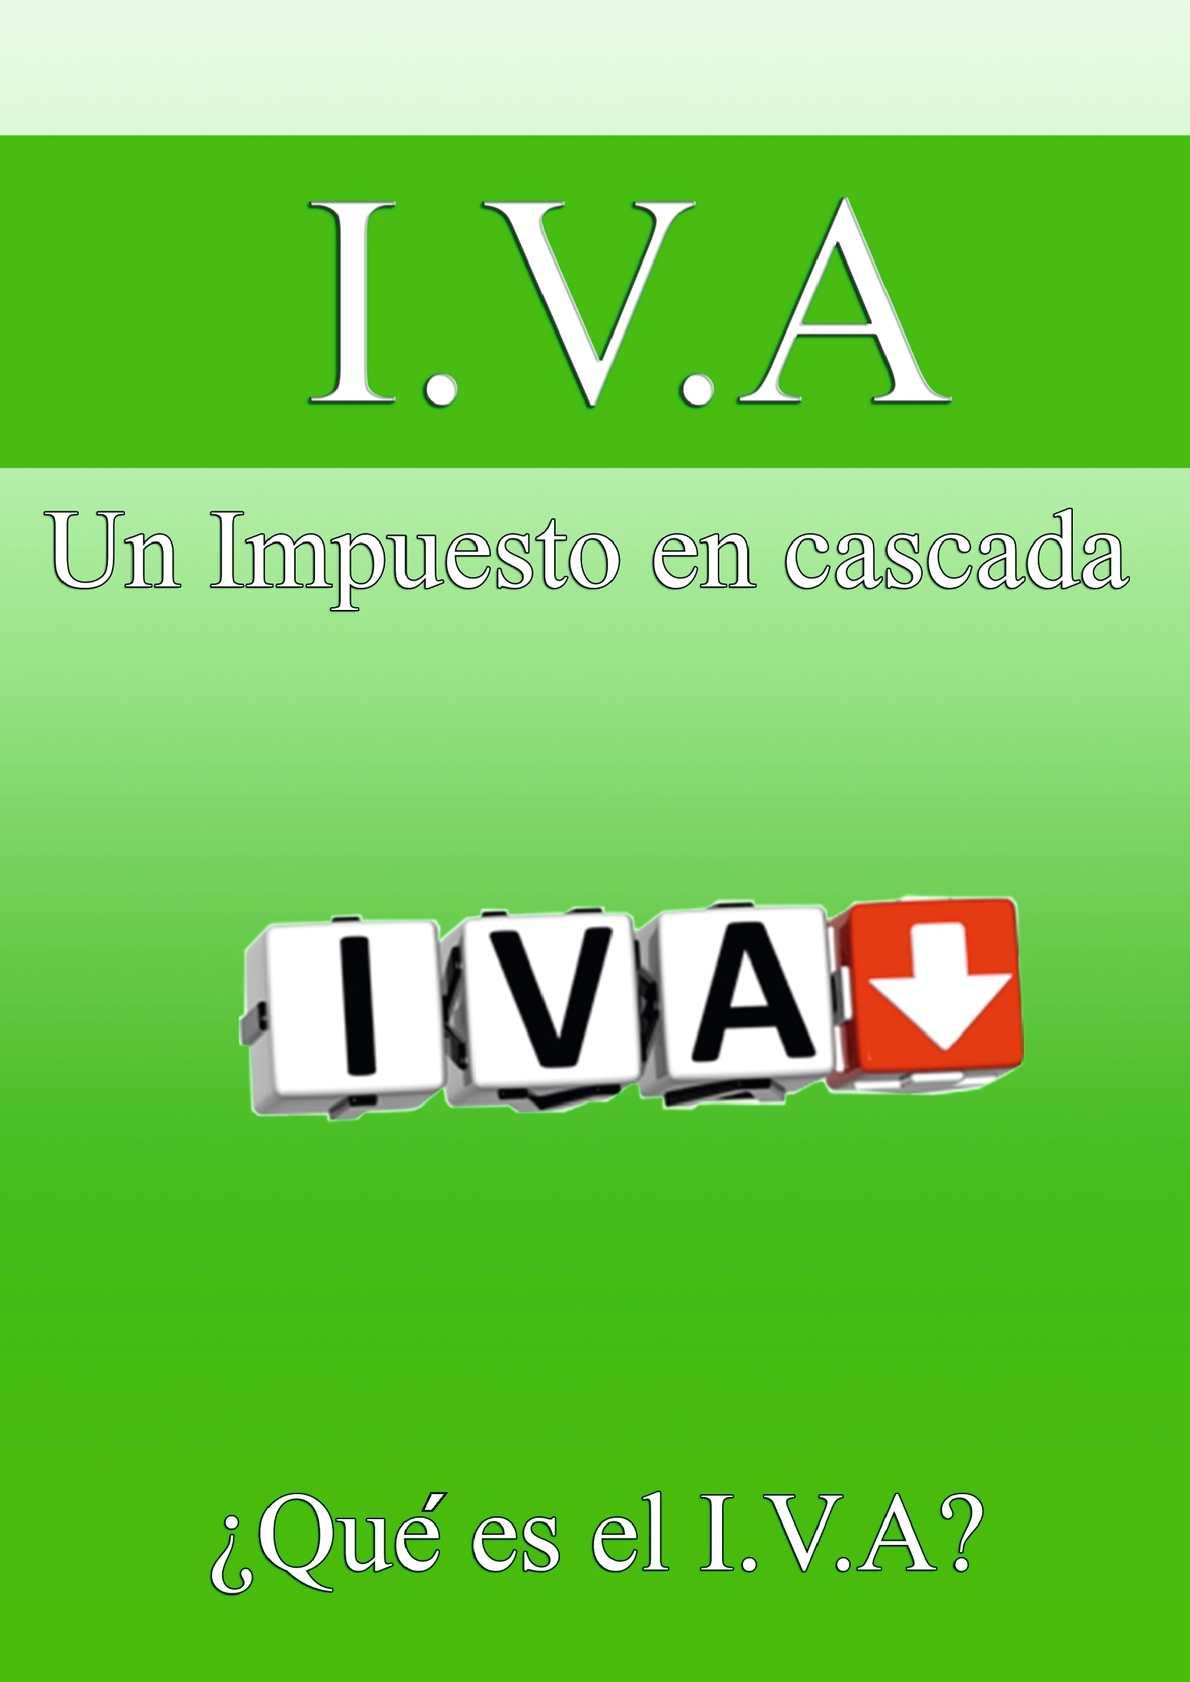 ¿Qué es el Iva?